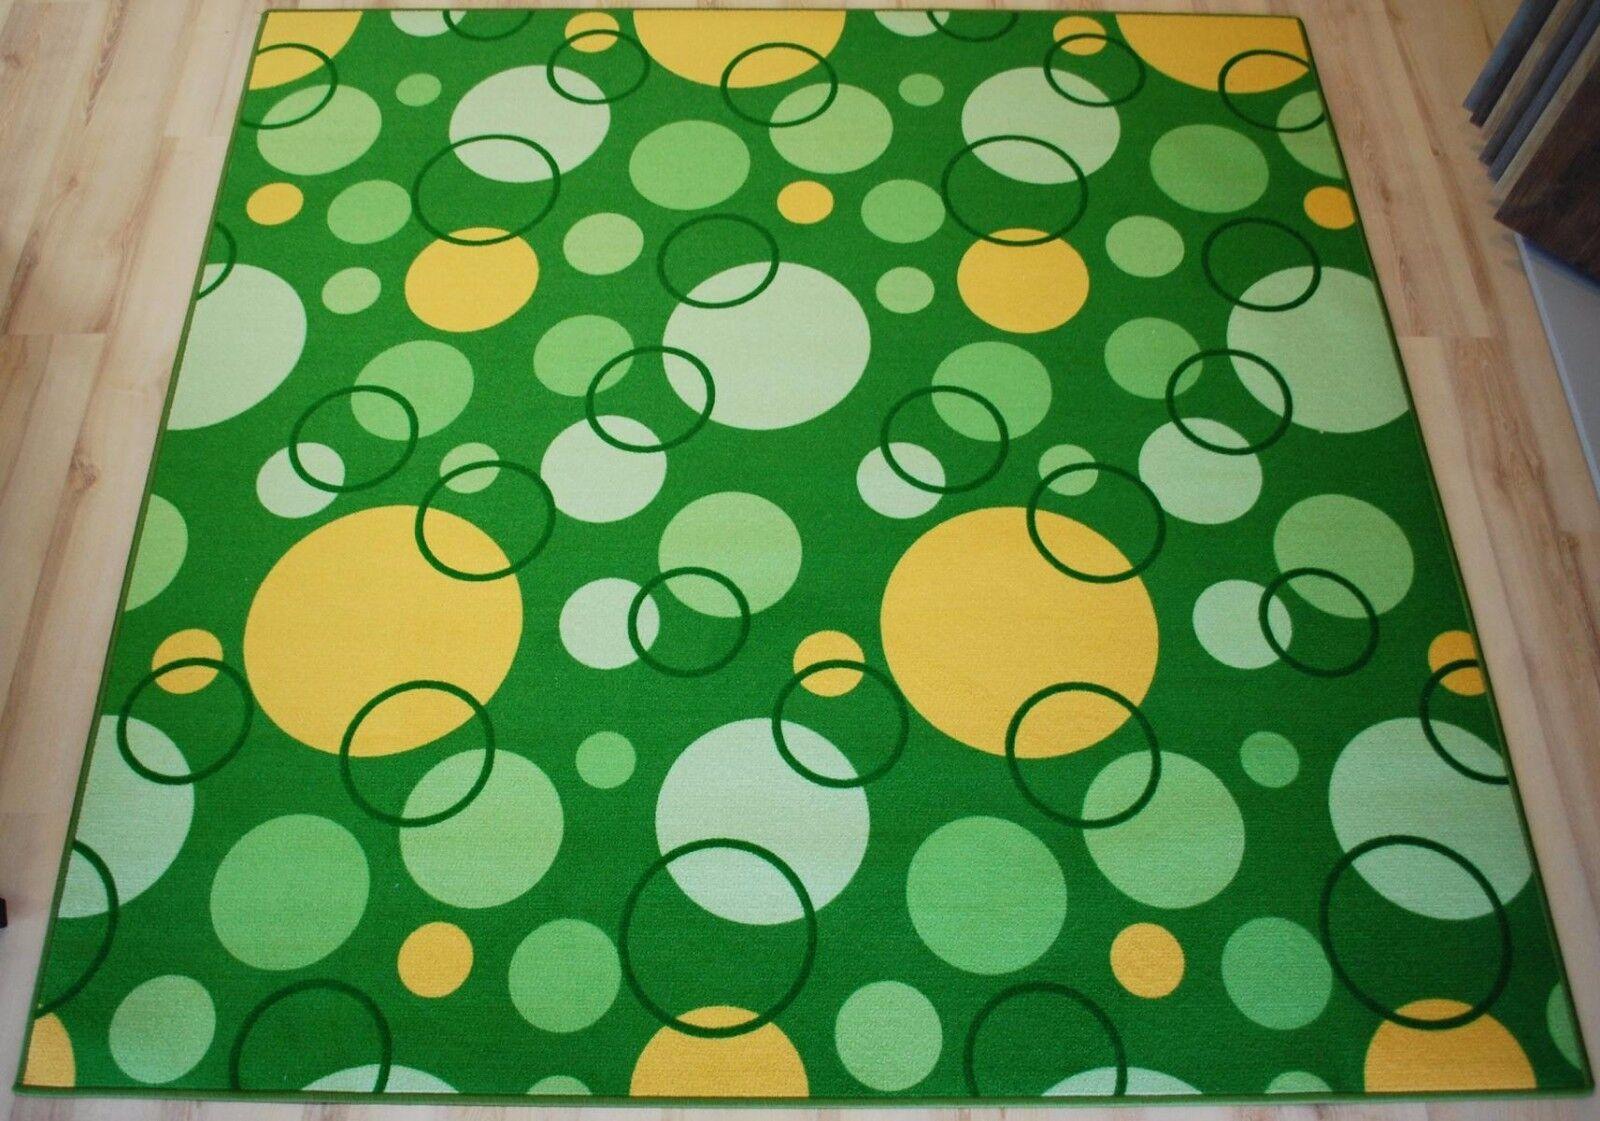 Enfants Tapis Jeu Tapis Circle vert 460x400cm cercles jaune